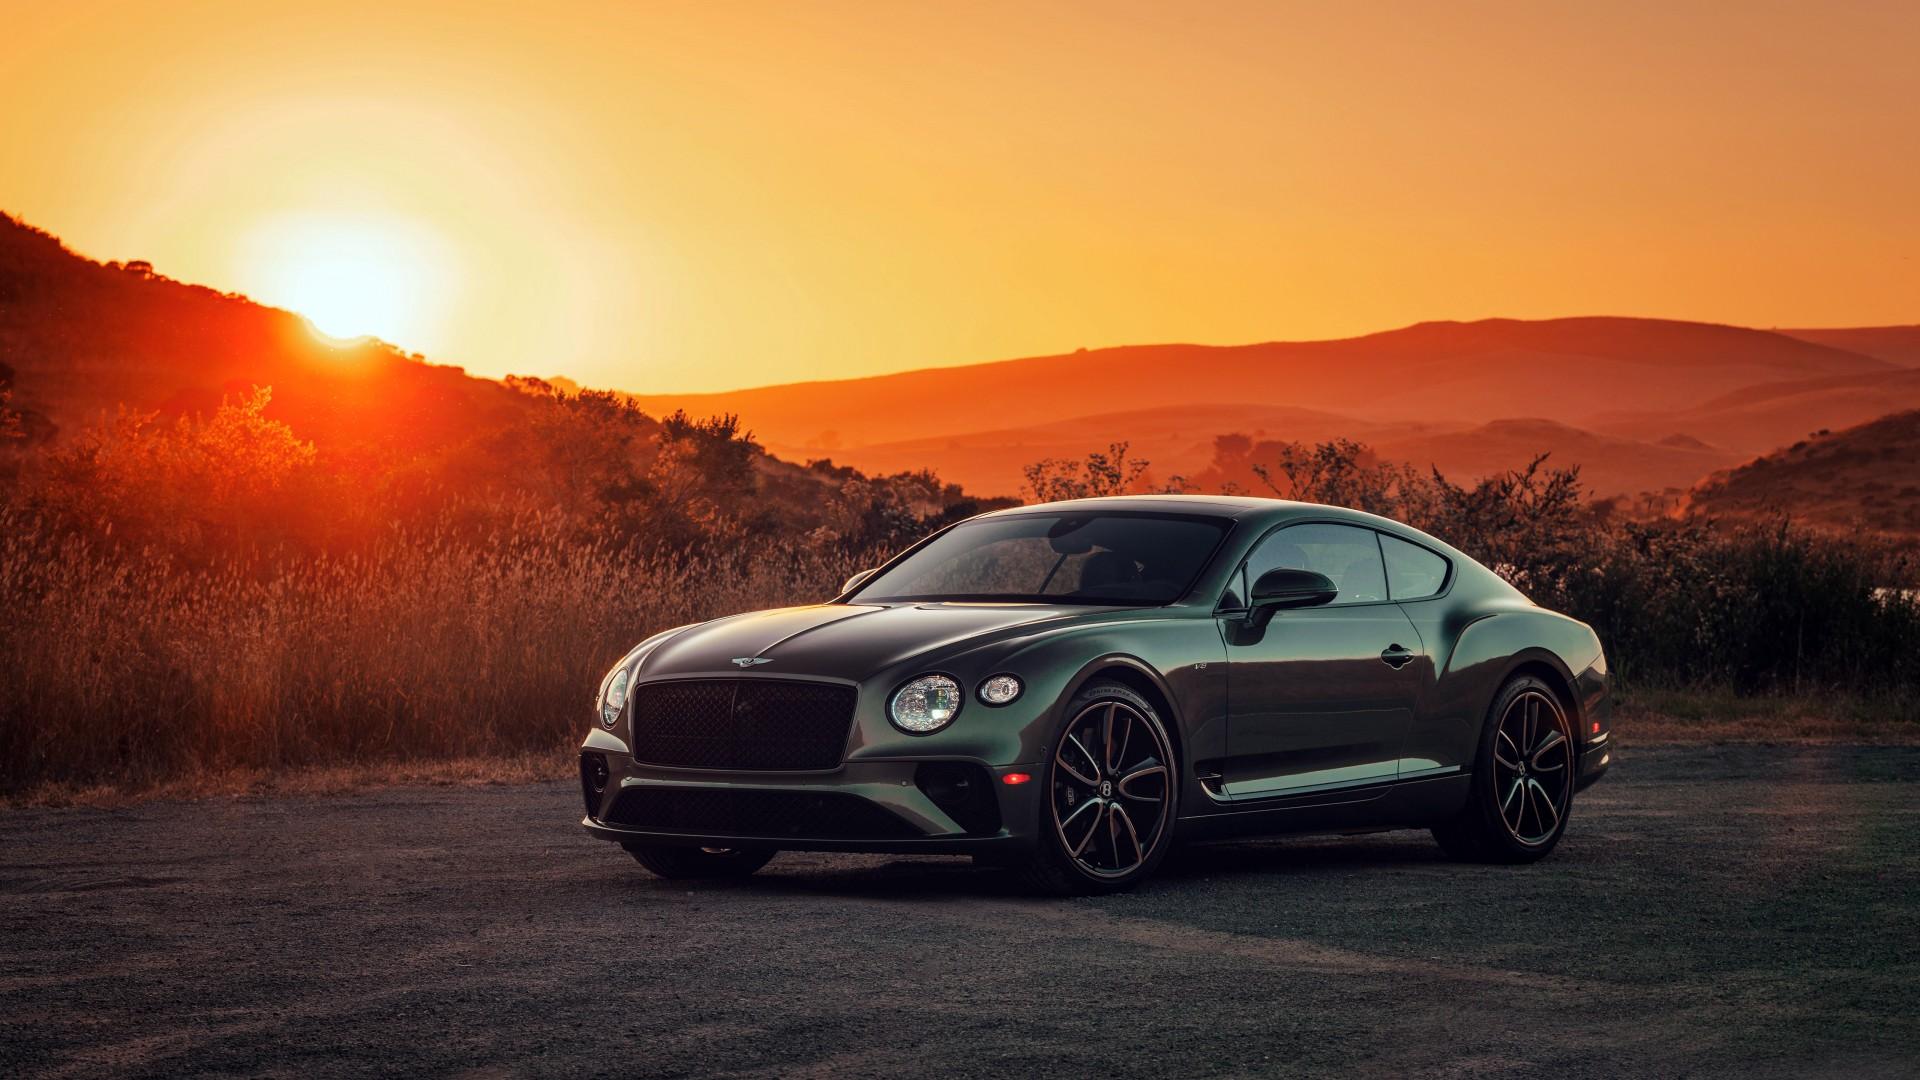 2020 Bentley Continental GT V8 4K Wallpaper | HD Car Wallpapers | ID #12771